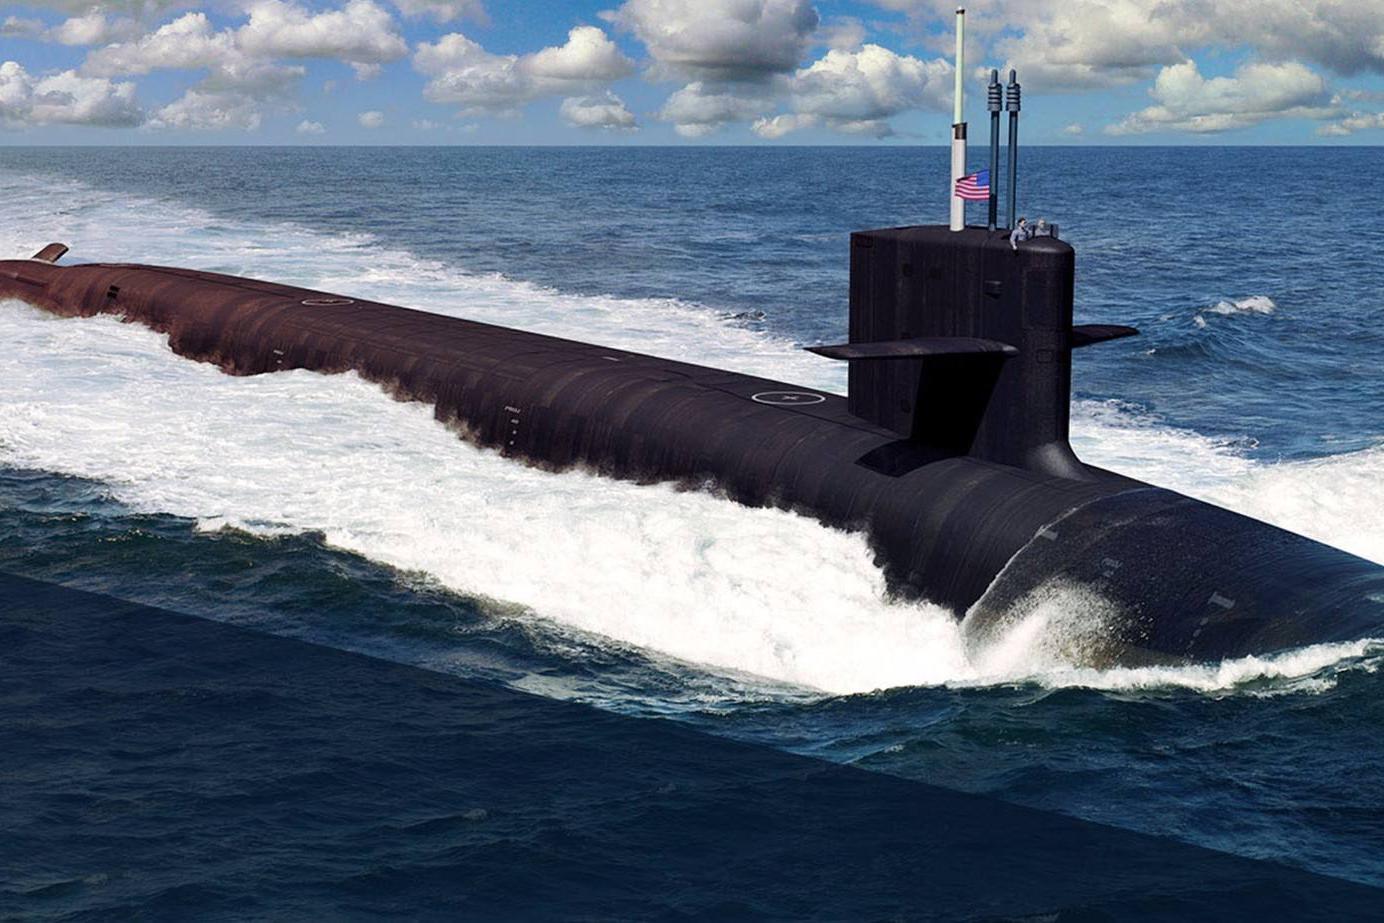 美国也差钱儿!如此强大的海狼级潜艇只造了3艘,还不是嫌贵